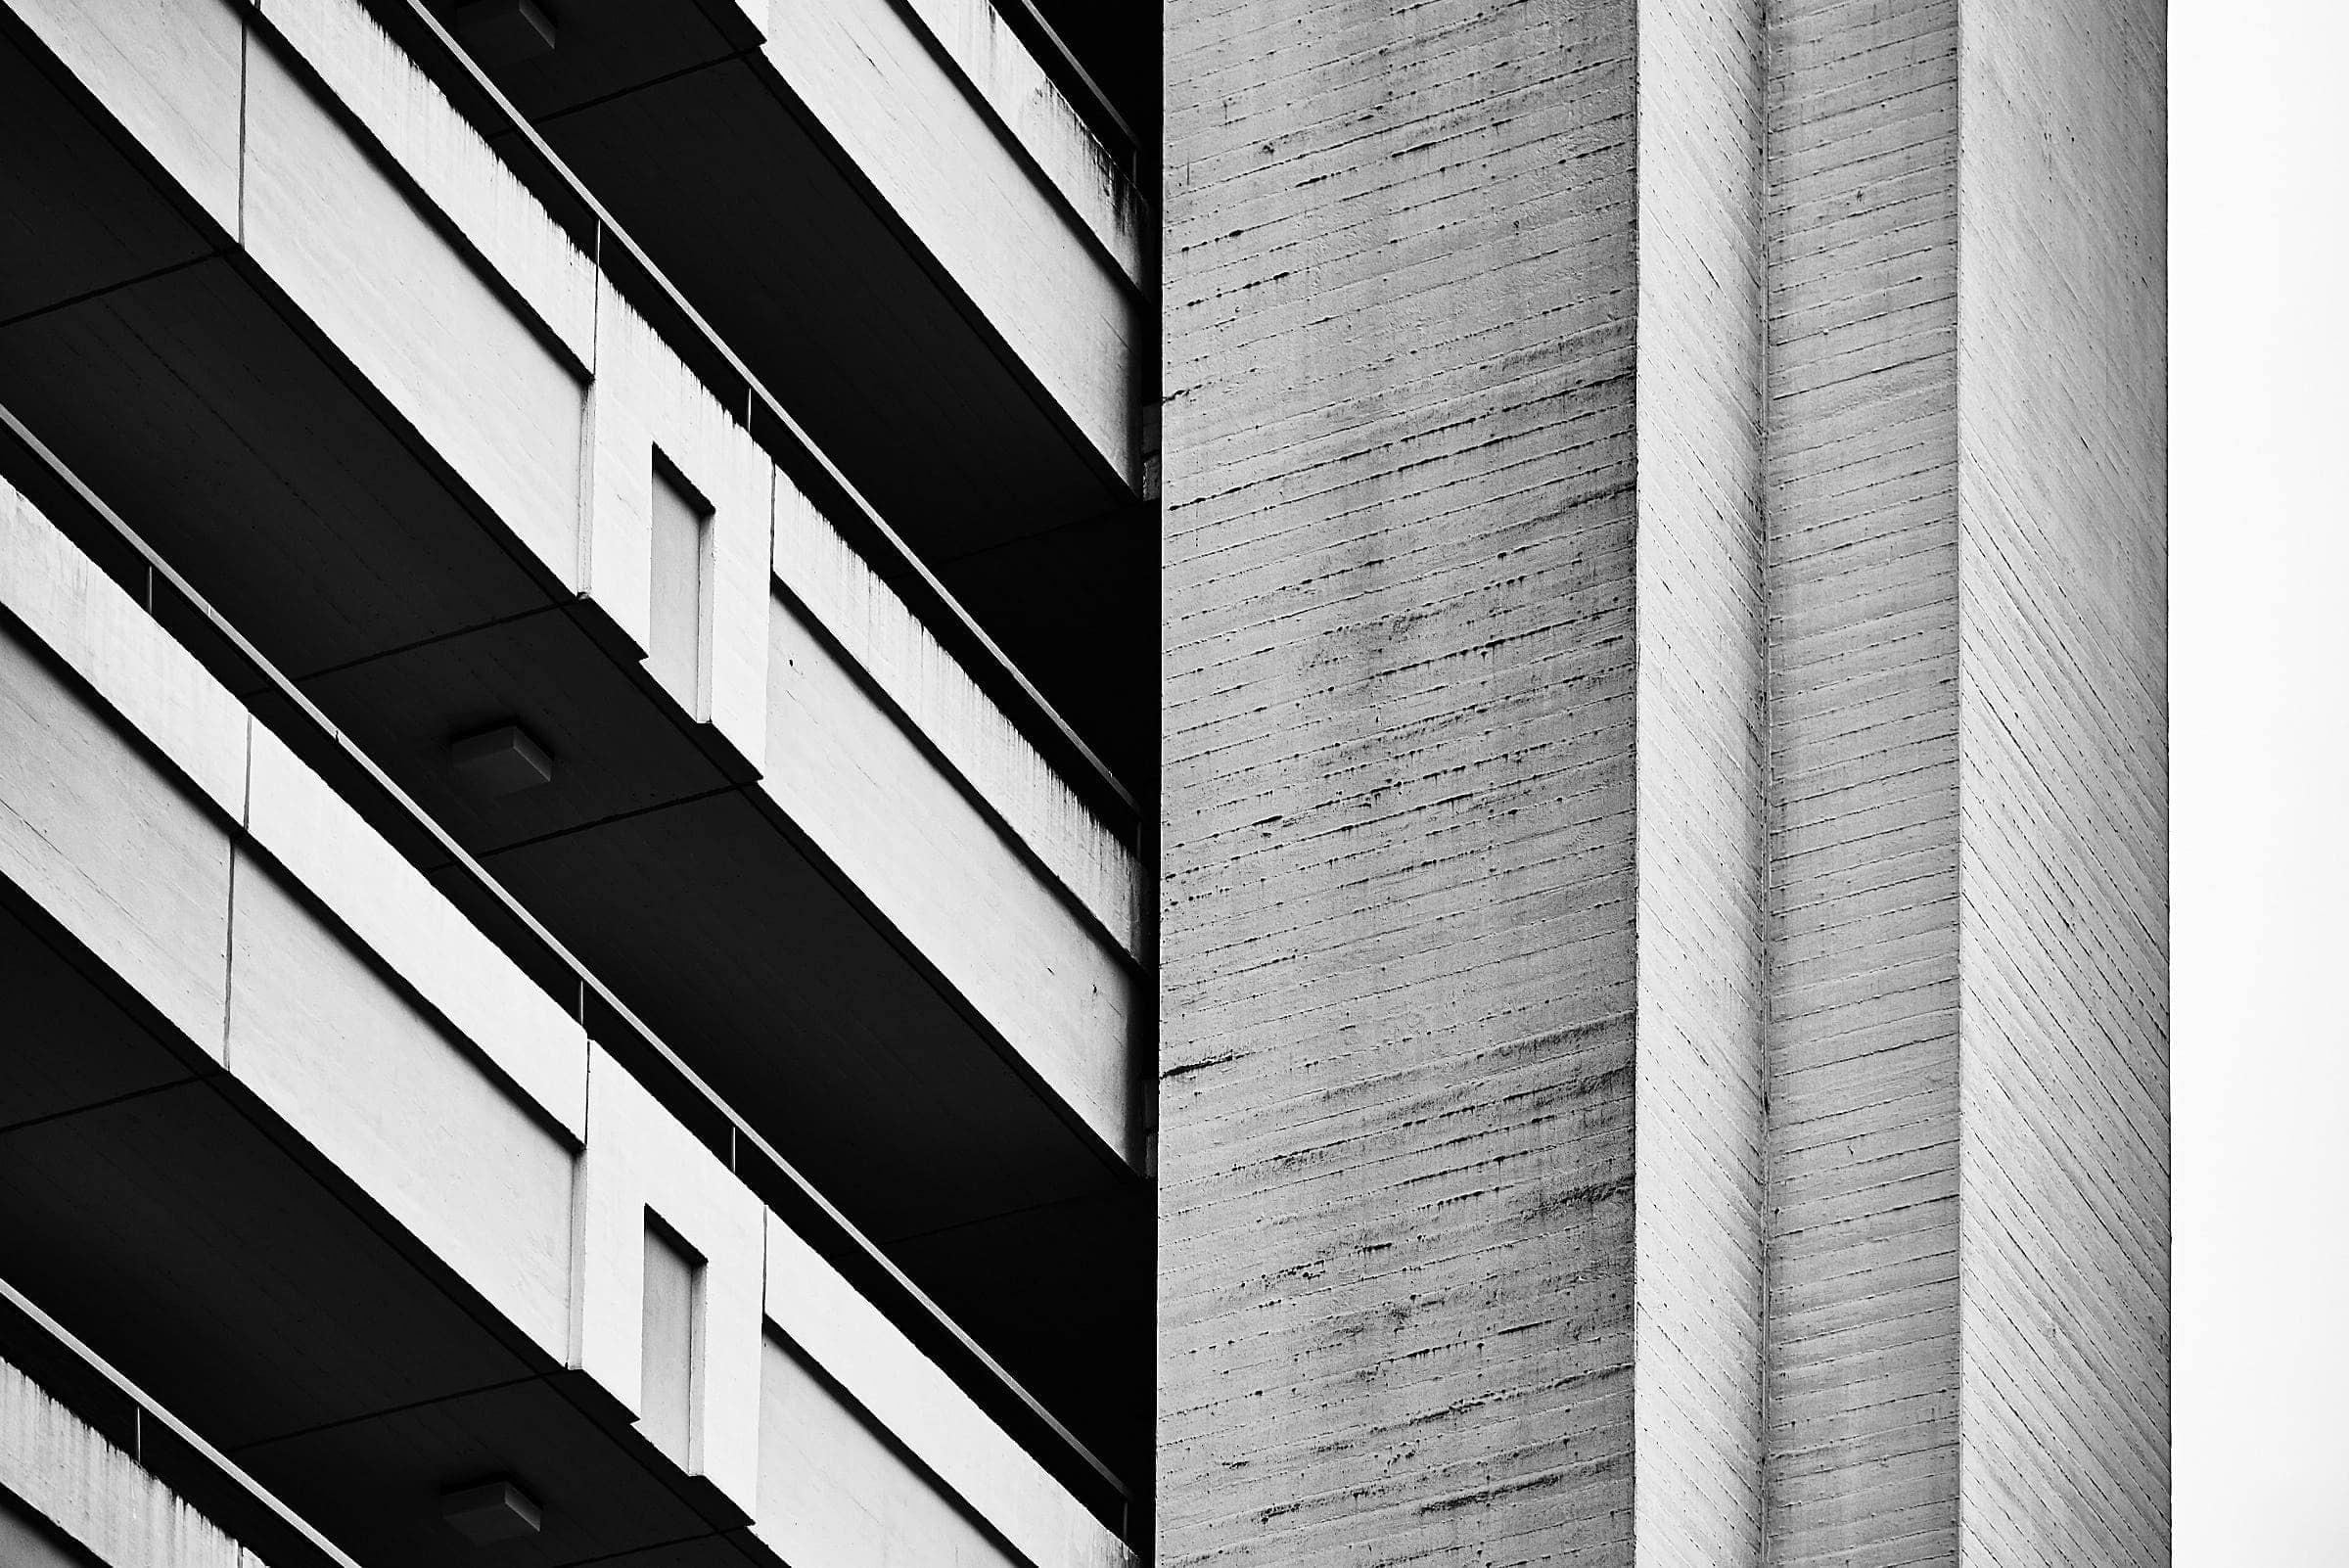 Gebäudefotografie im Schwarz-Weiß look in Trier